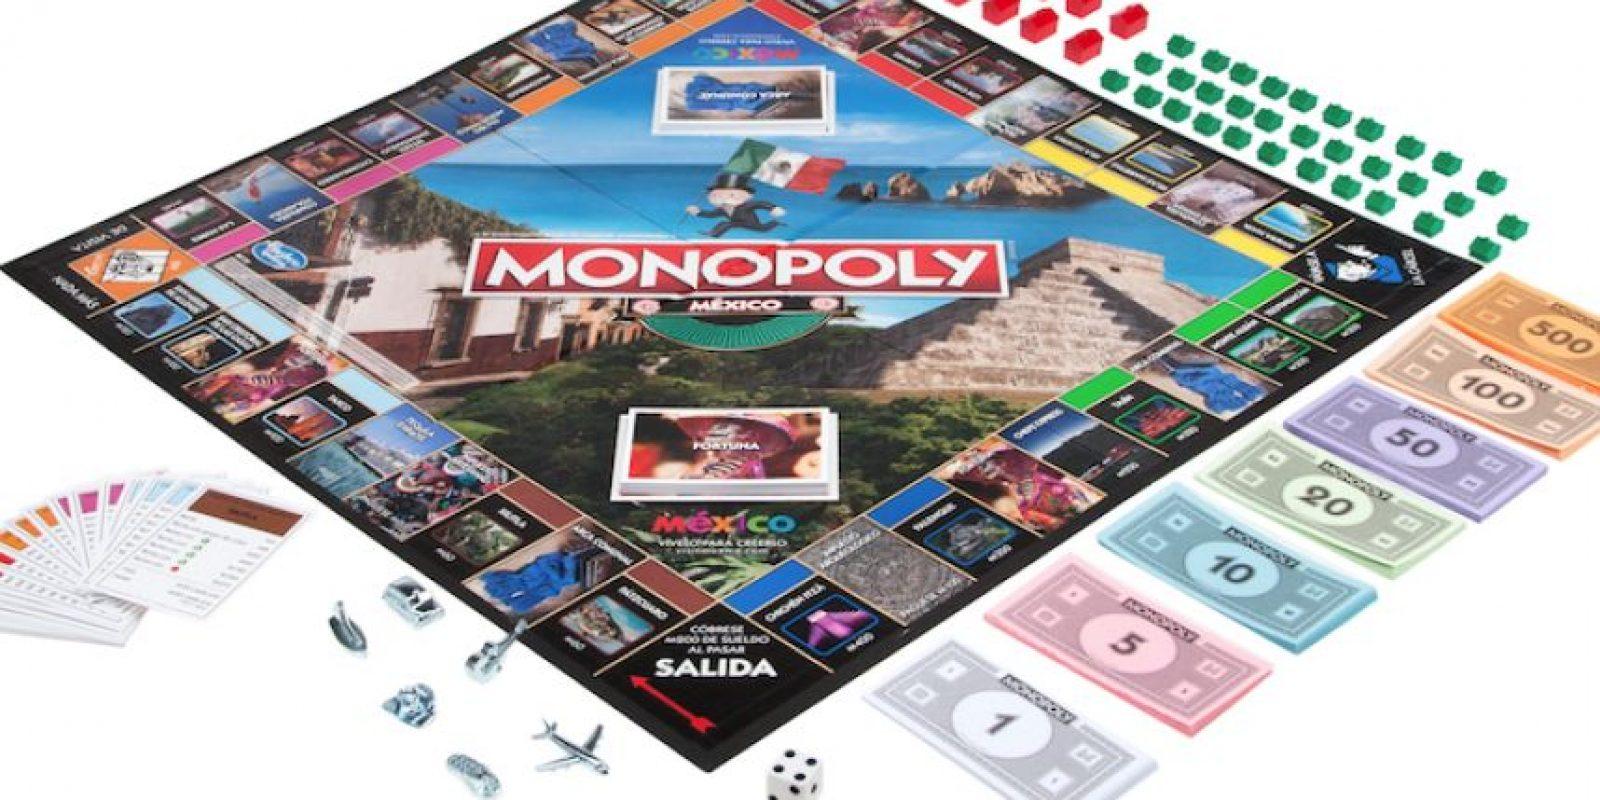 Los tokens o fichas de juego incluyen 3 diseños especiales: la guitarra, el sombrero y unas sandalias. Foto:Especial